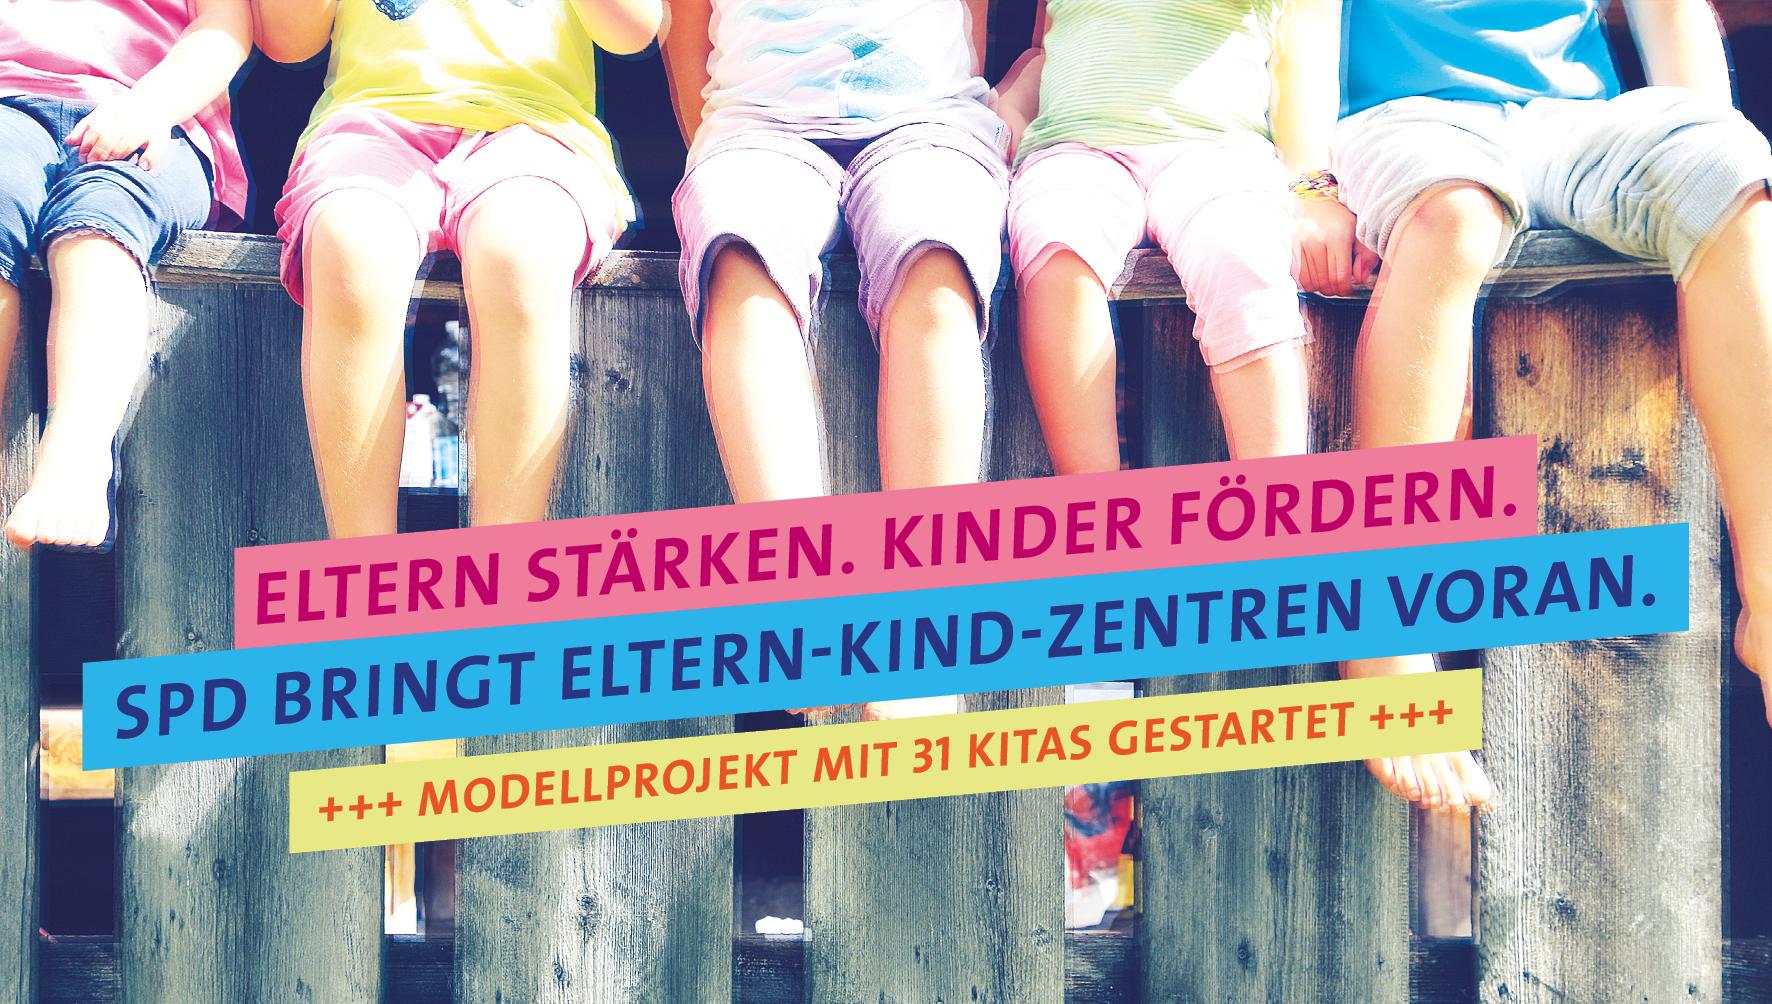 Eltern stärken, Kinder fördern: SPD bringt Eltern-Kind-Zentren voran